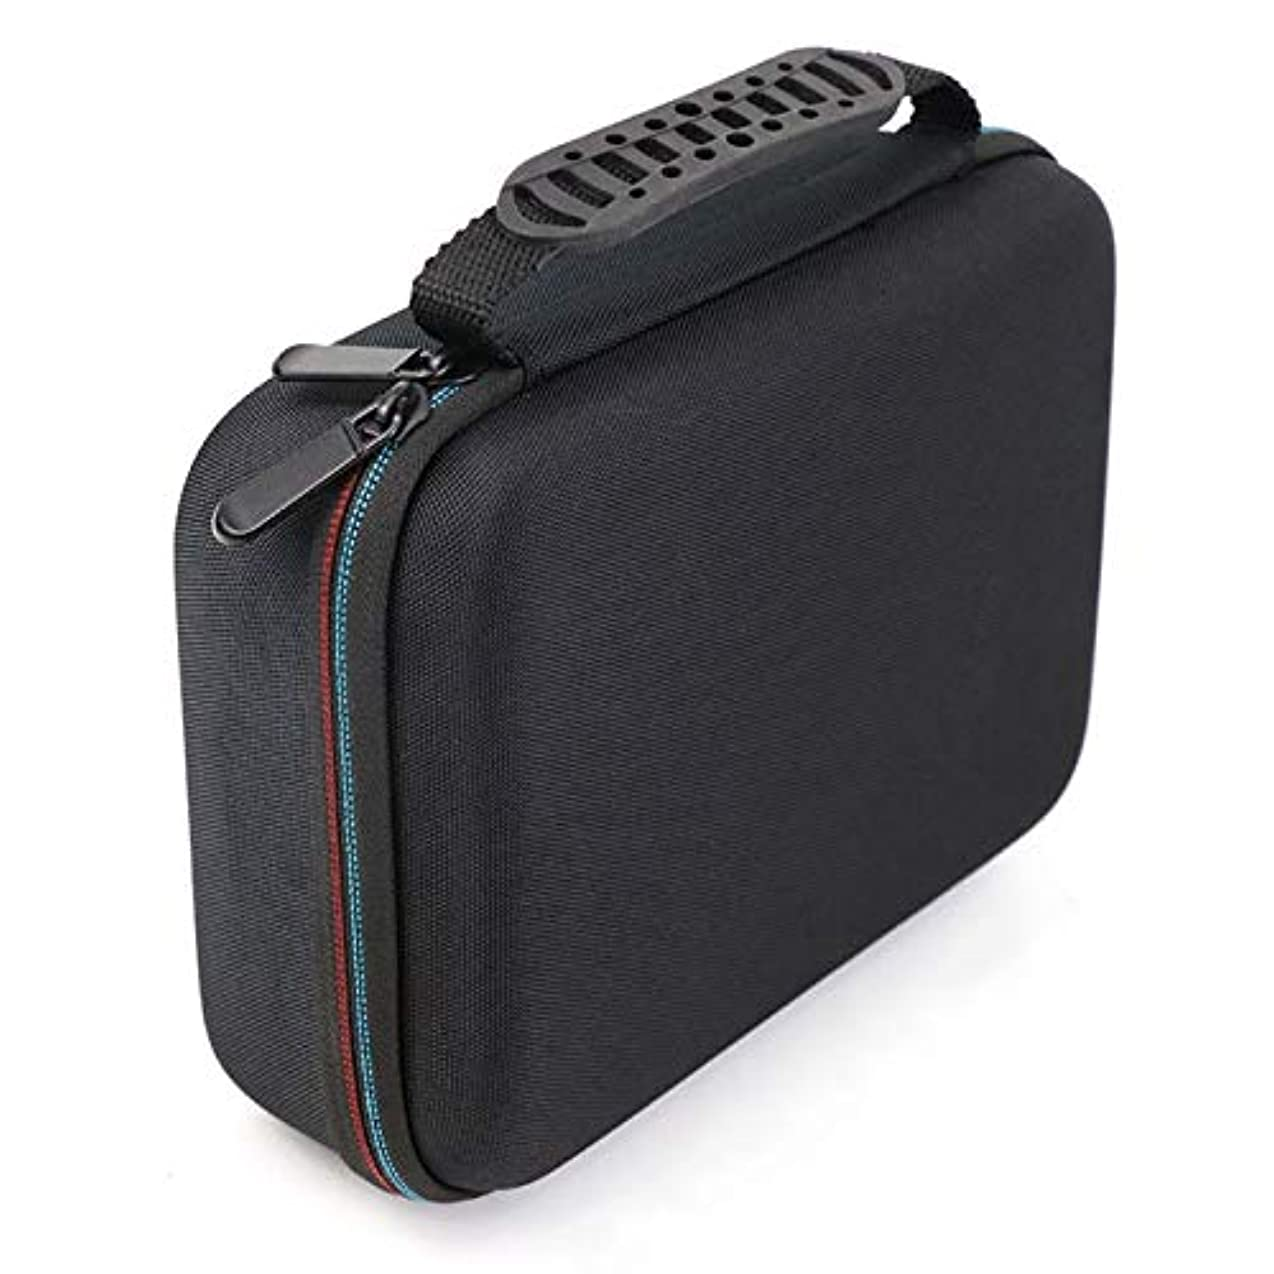 ユーザーブロック形成Gaoominy バリカンの収納ケース、携帯用ケース、耐衝撃バッグ、シェーバーのキット、Evaハードケース、収納バッグ、 Mgk3020/3060/3080用